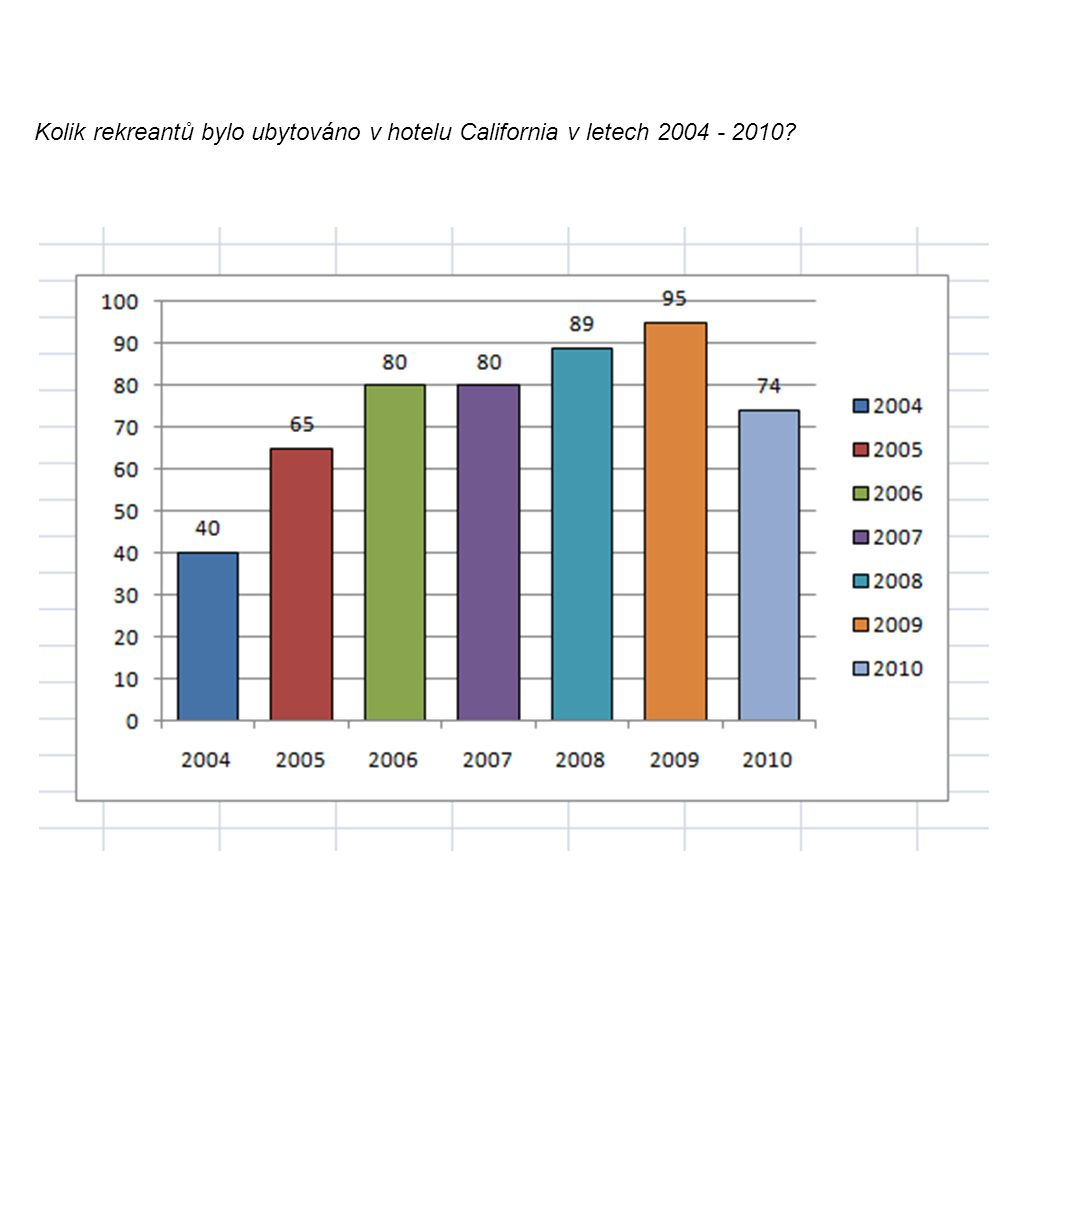 Kolik rekreantů bylo ubytováno v hotelu California v letech 2004 - 2010